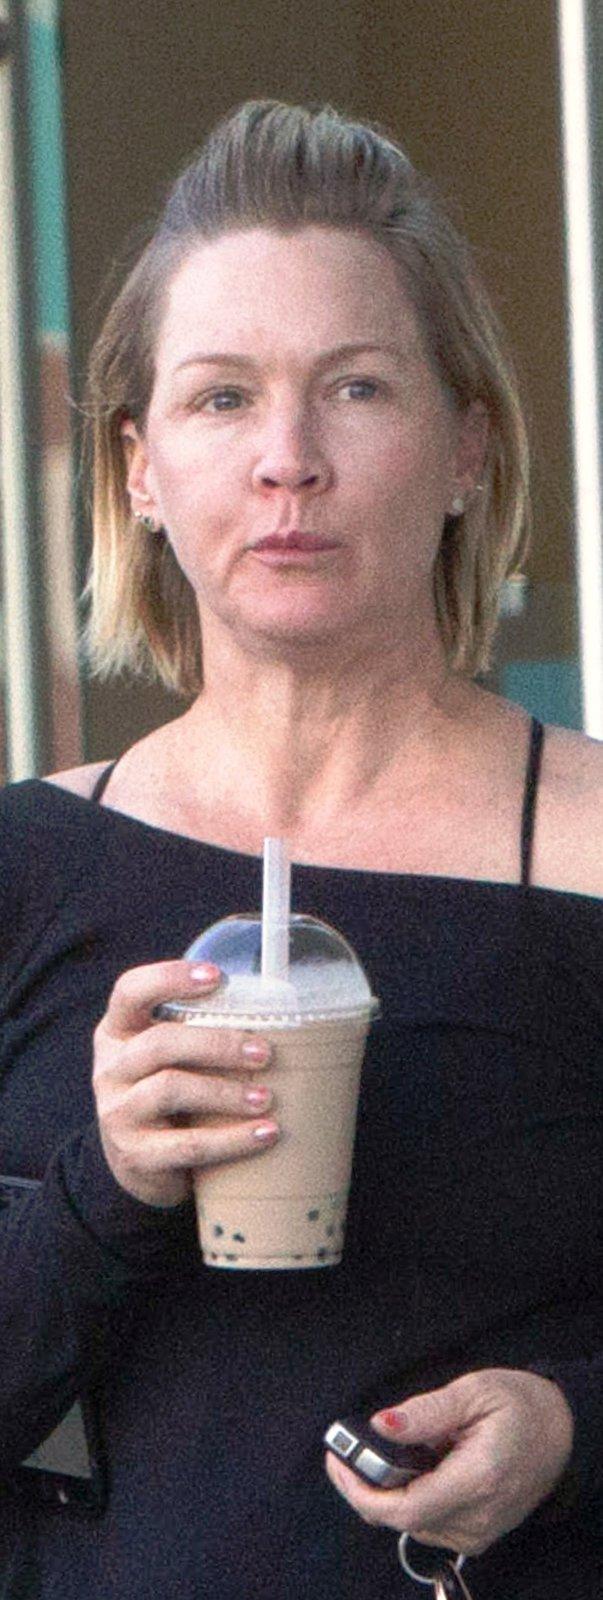 Takhle vypadá Jennie Garth dnes.